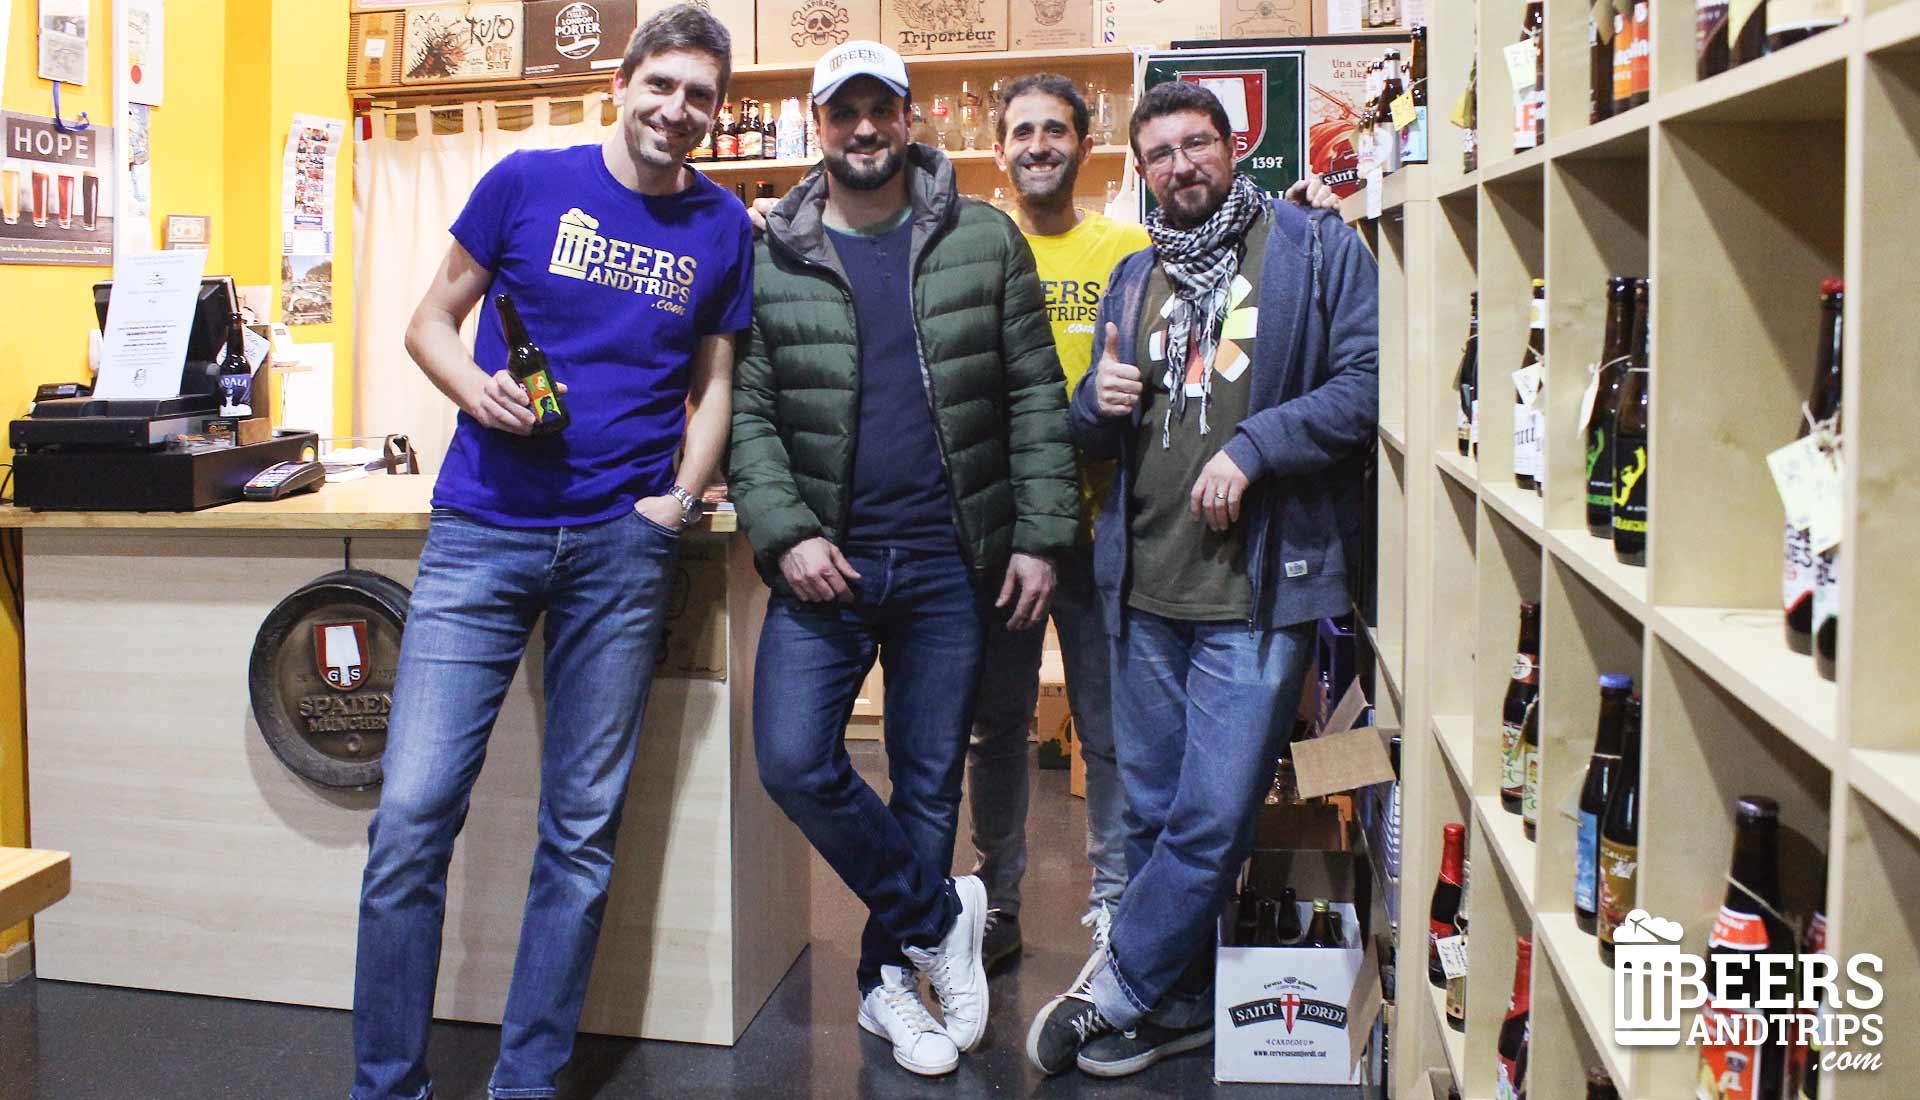 El equipo de Beers And Trips con Eric